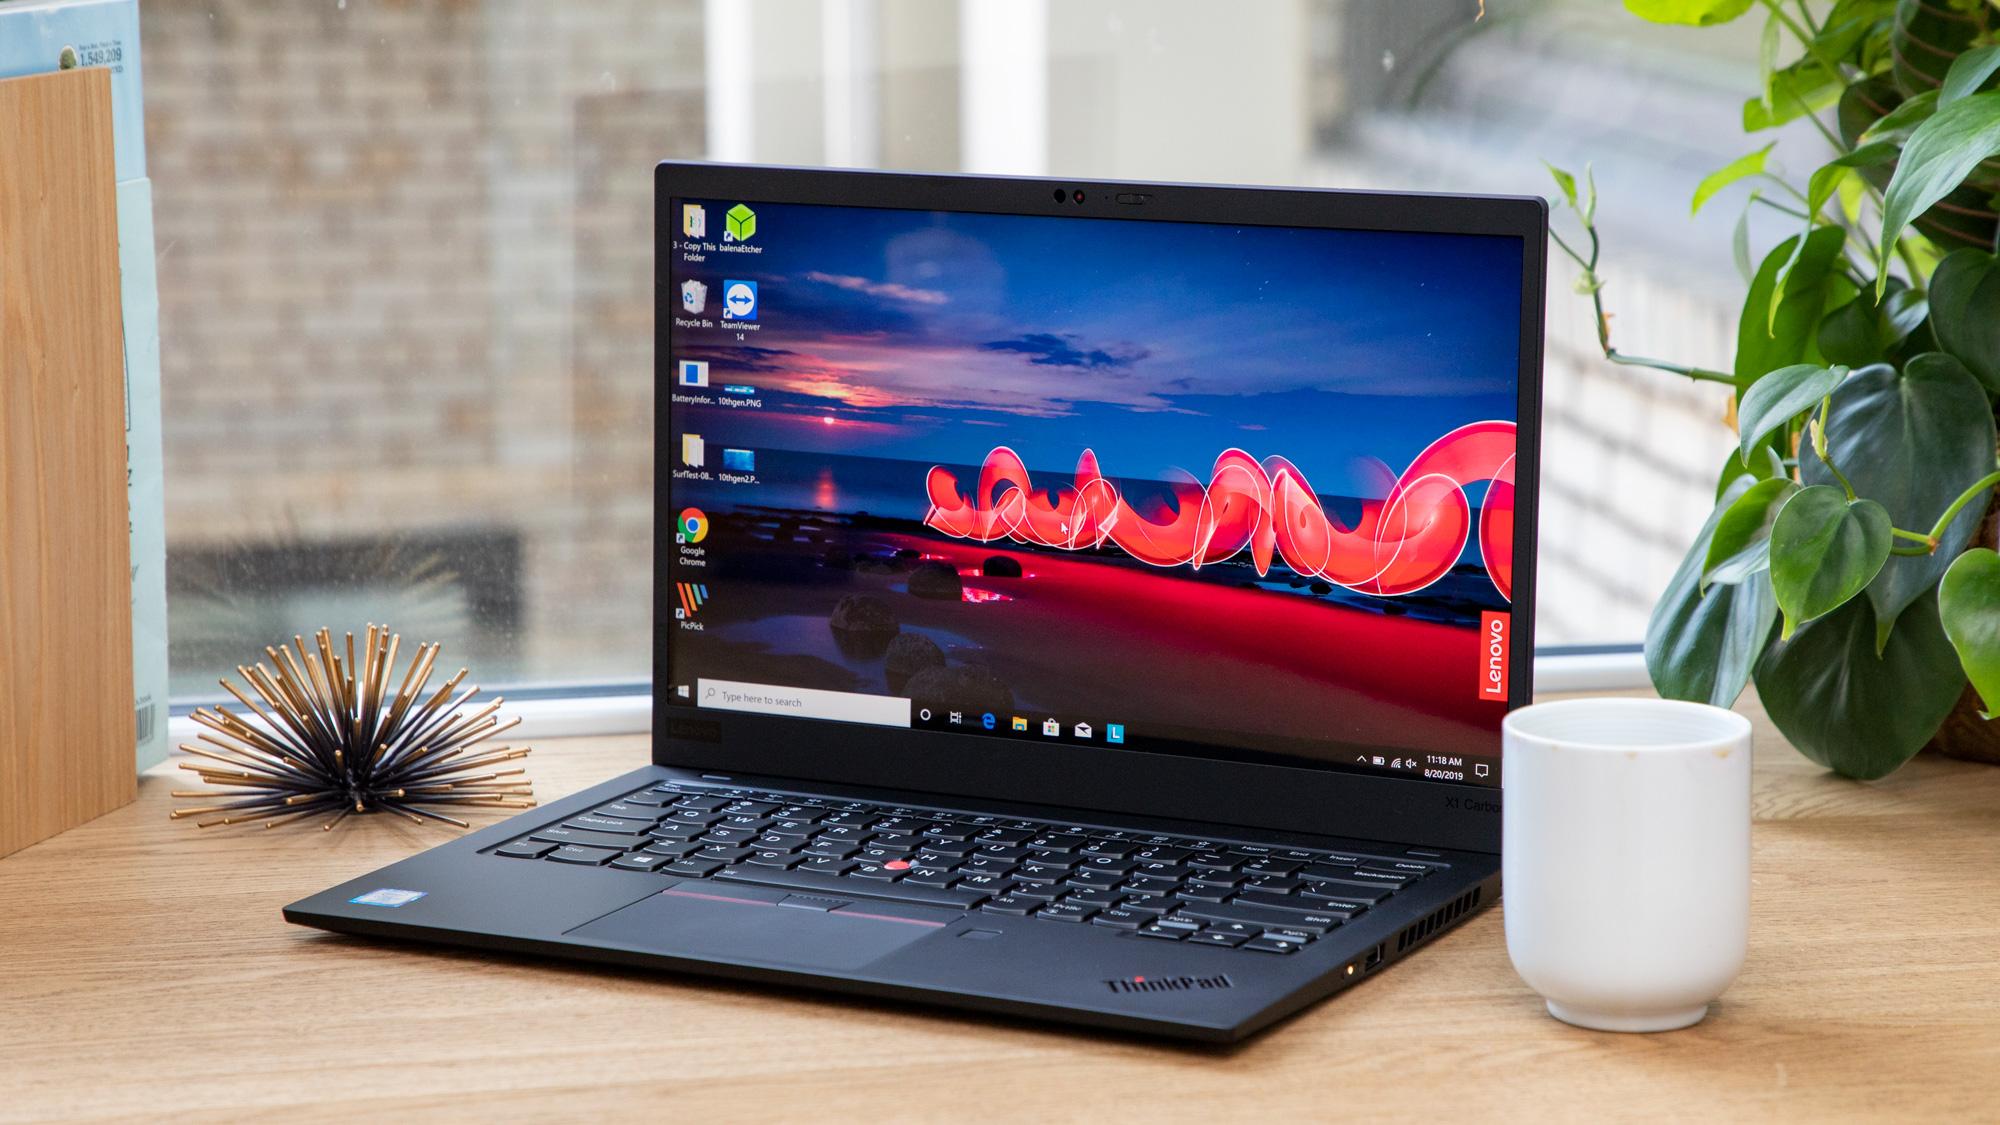 Khắc phục lỗi chớp tắt màn hình khi dùng trình duyệt trên máy tính Laptopnew